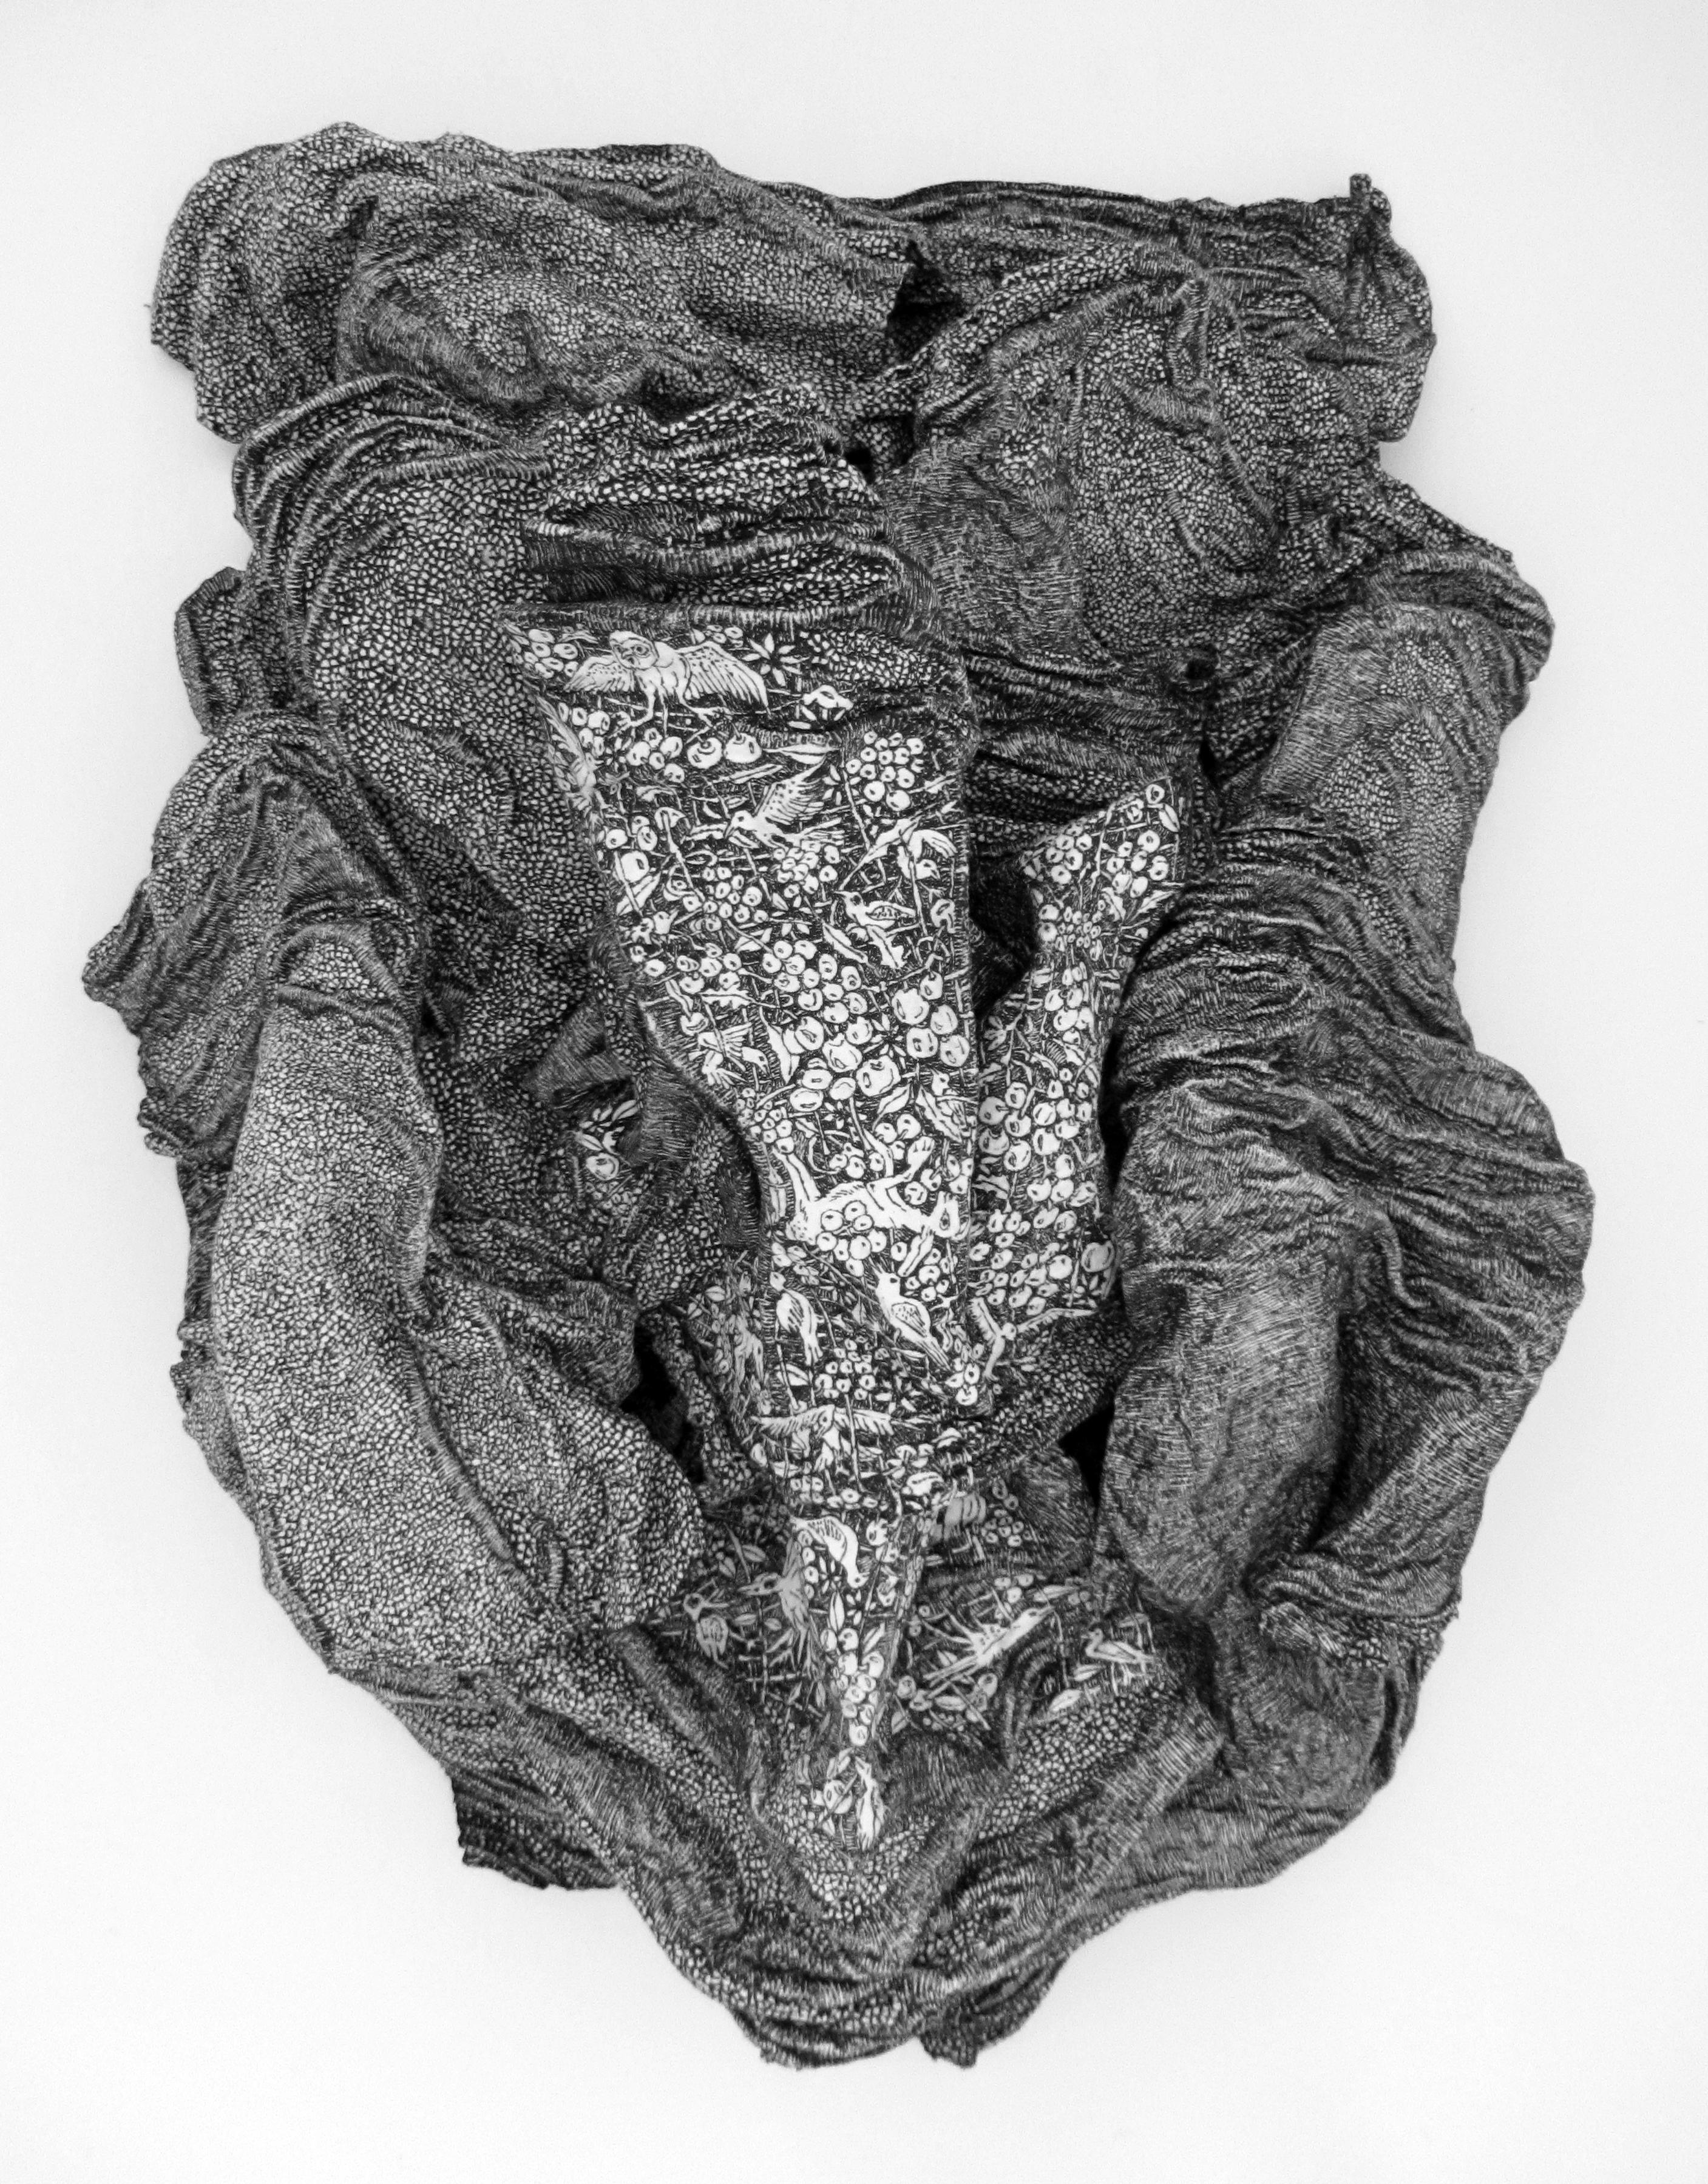 La pierre des tourments N°24, 2016, 53cm x 52cm x 6,5cm